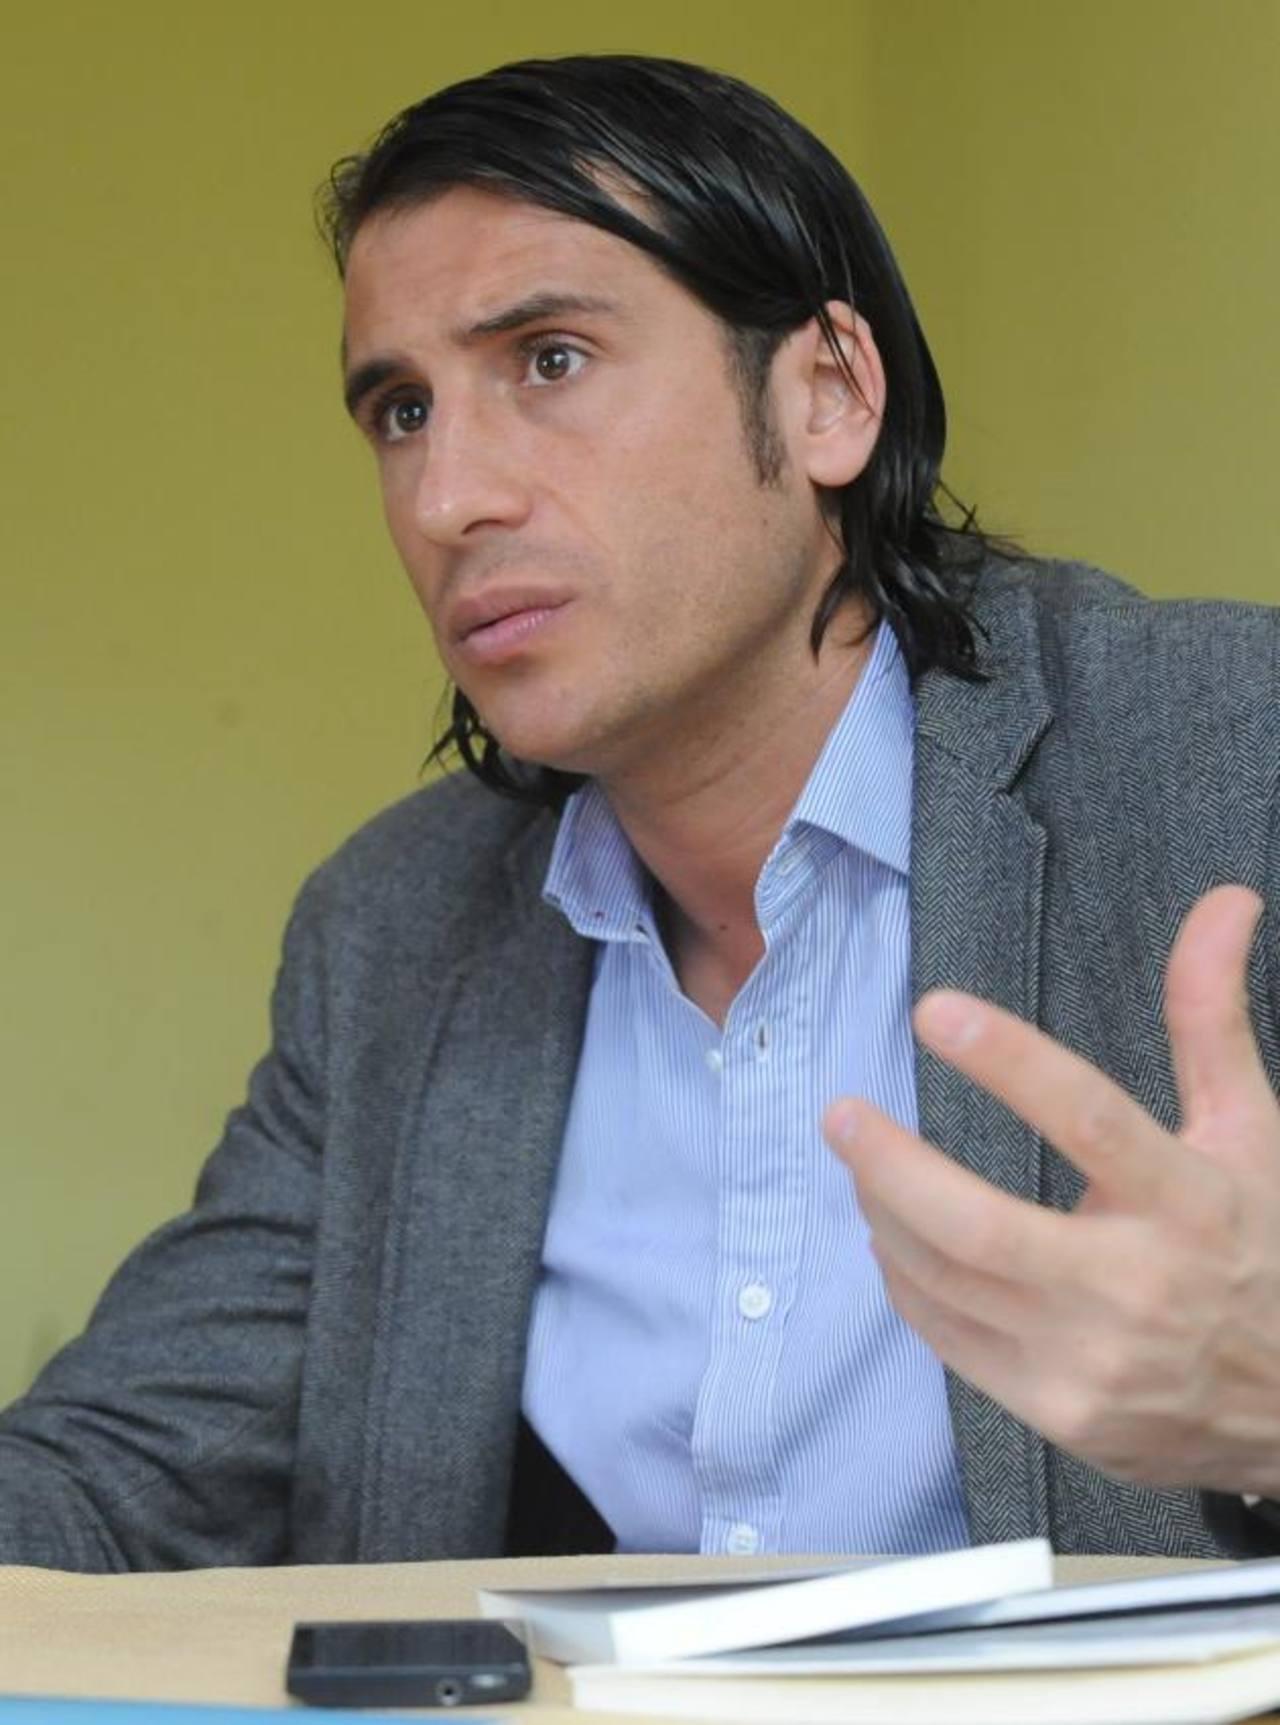 Santiago Tejedor ha escrito varios libros sobre comunicación 2.0. Foto EDH / Lissette Monterrosa